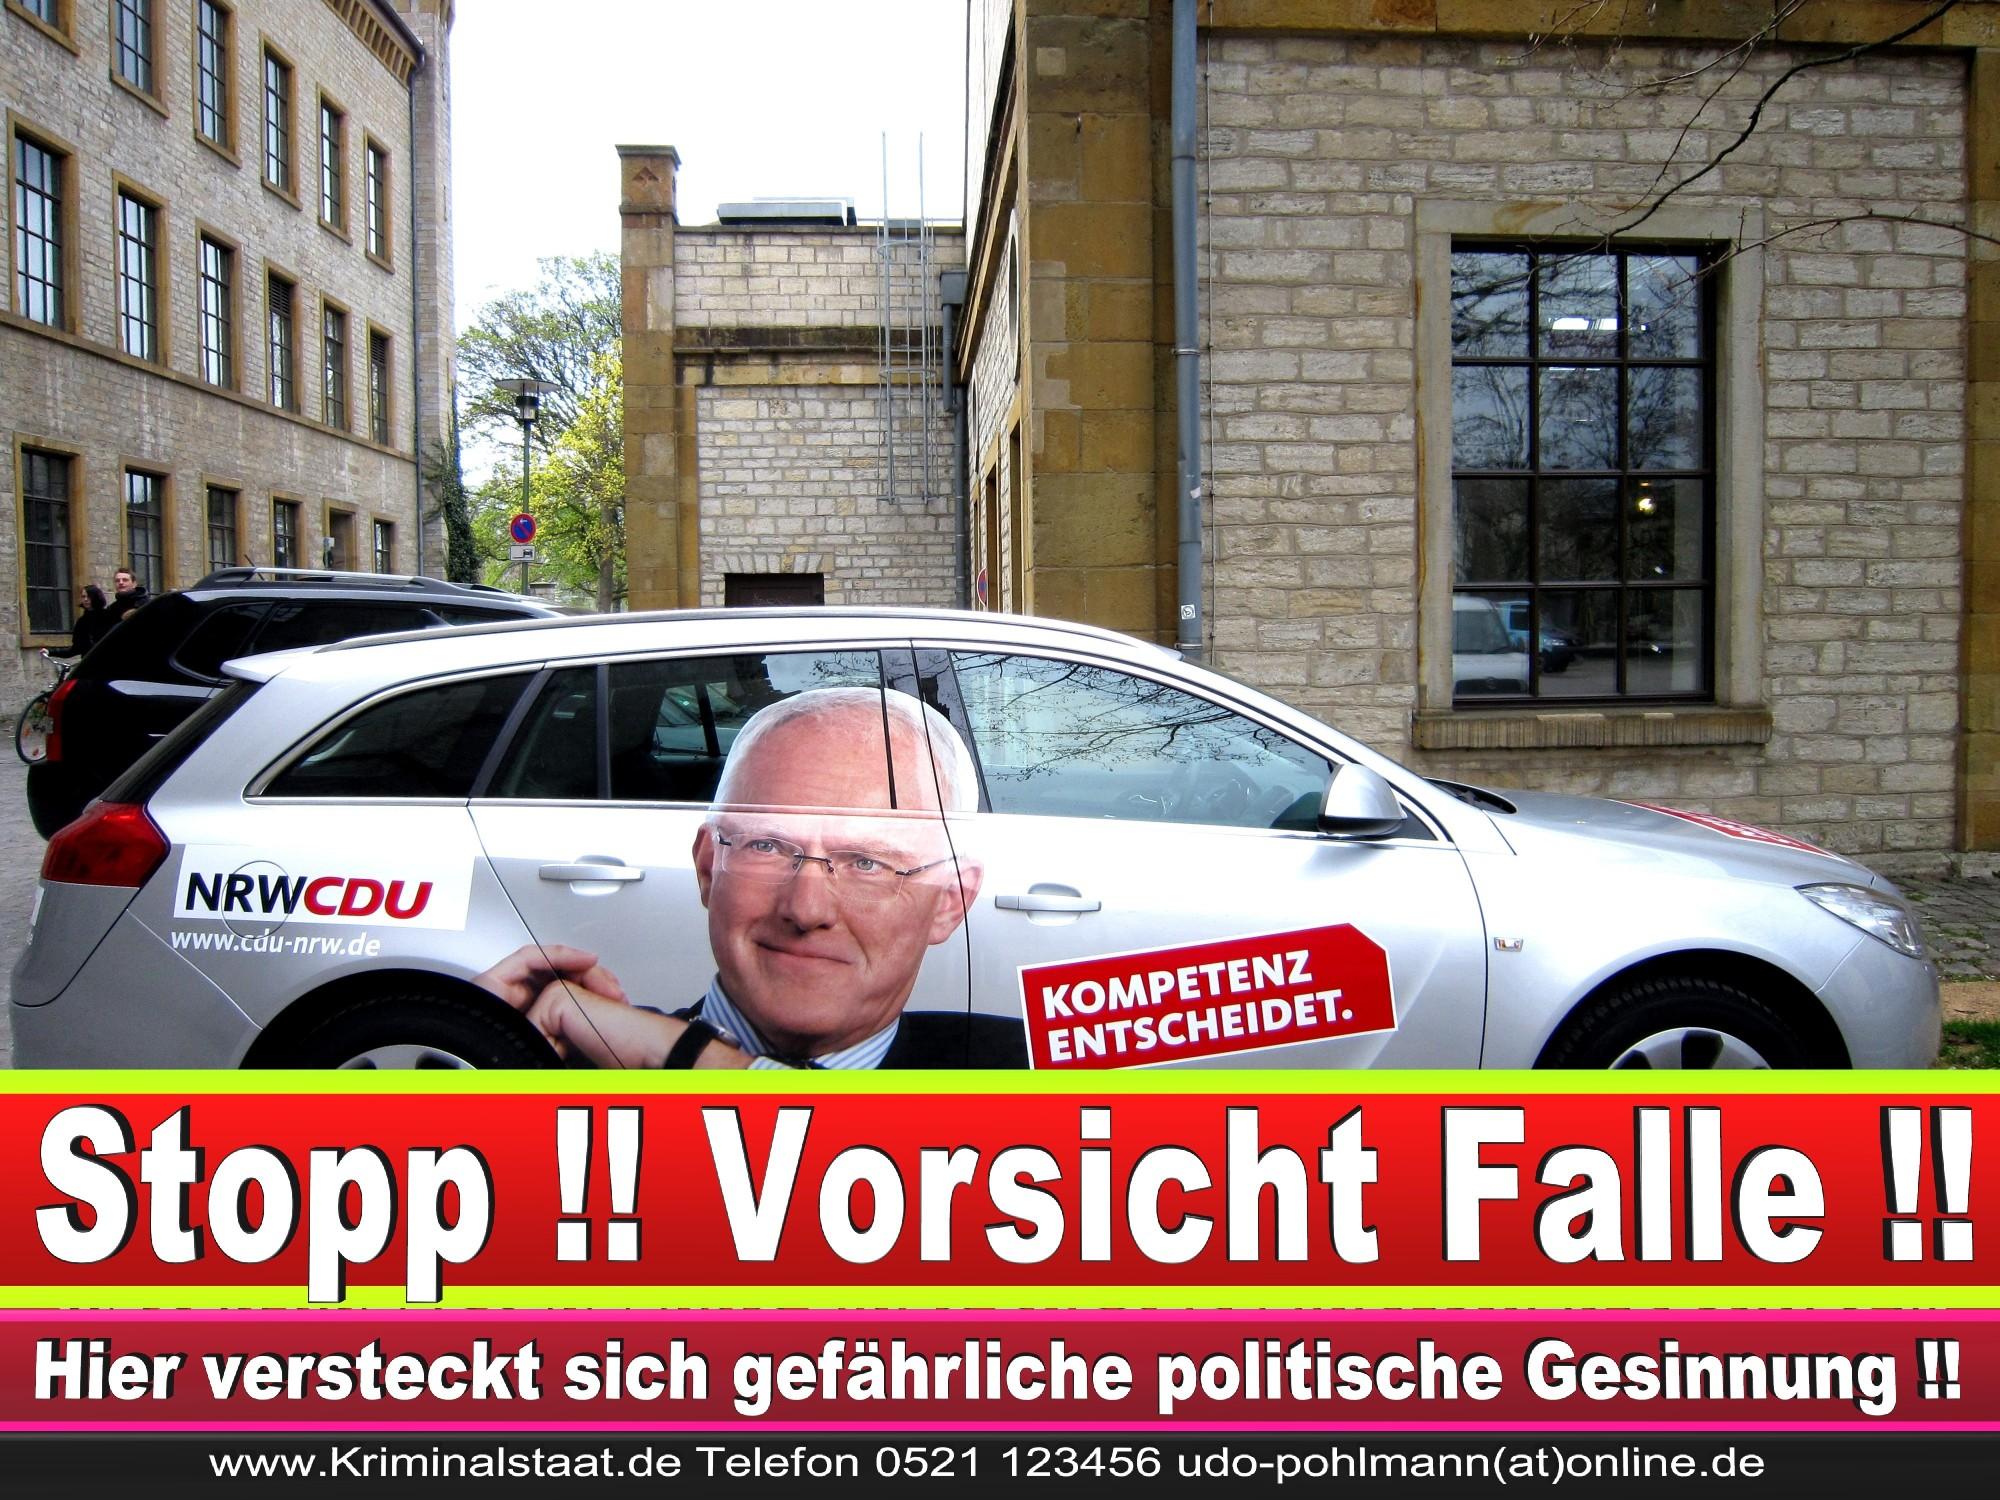 Wahlwerbung Wahlplakate Landtagswahl 2019 Europawahl CDU SPD FDP 2021 (16)